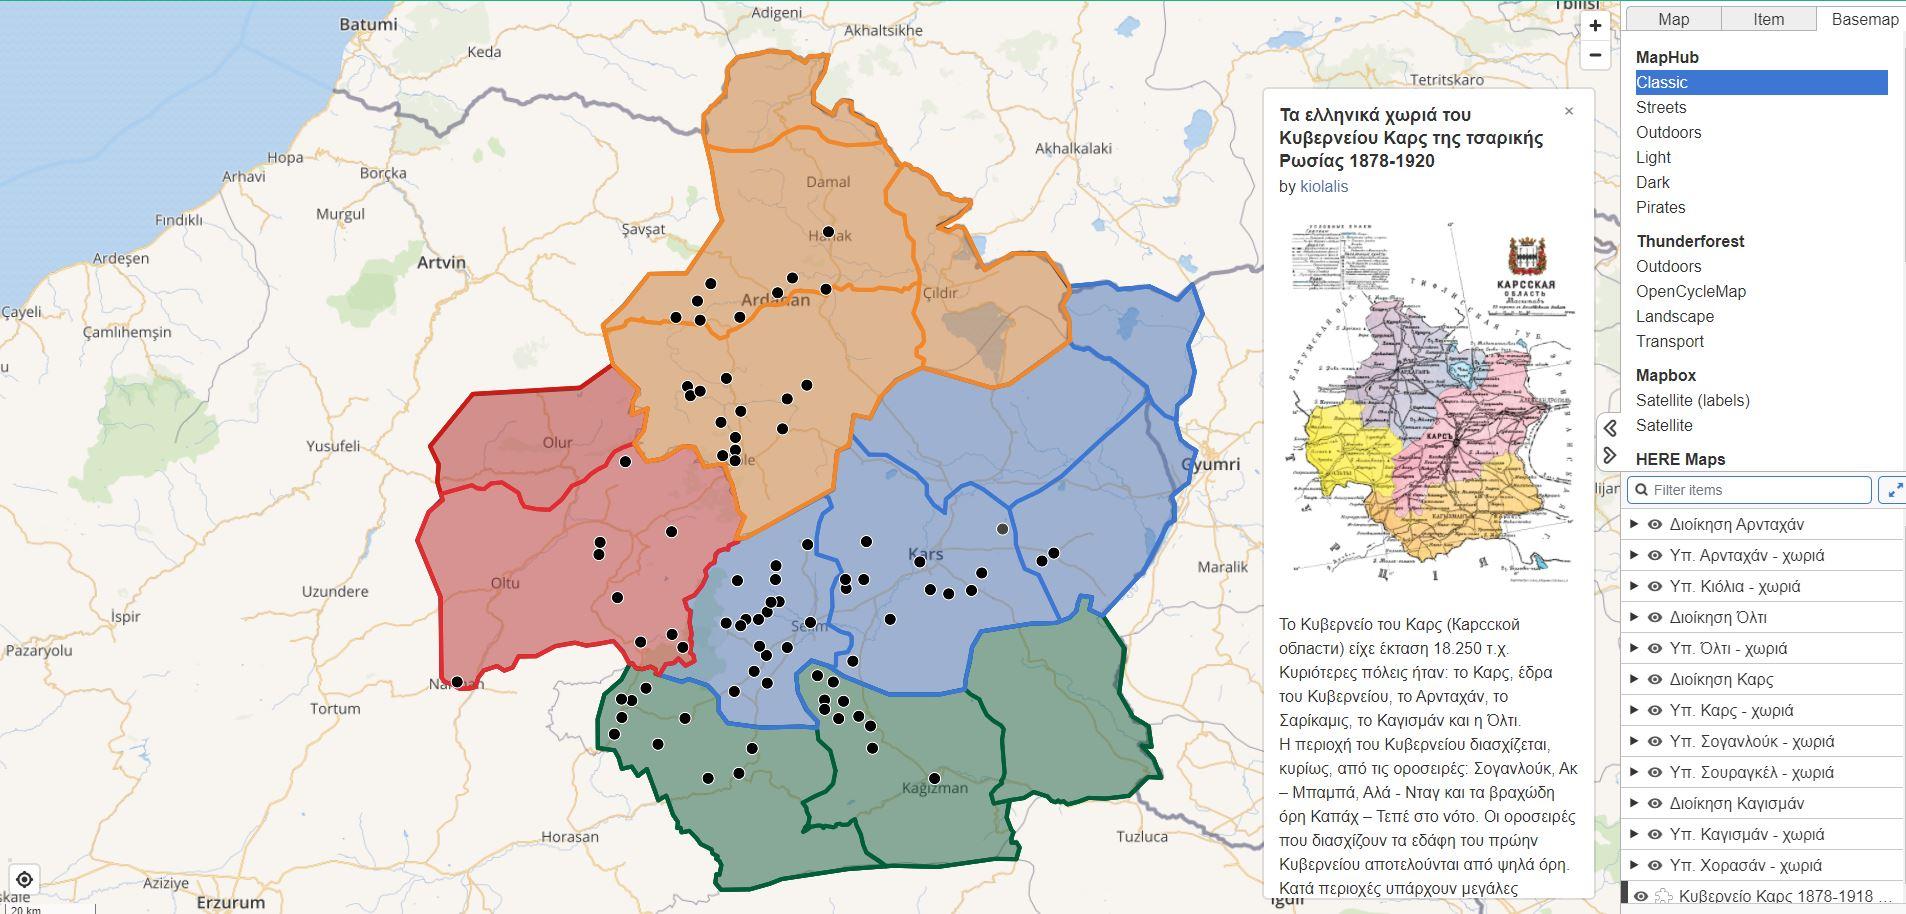 Οικισμοί και συνοικισμοί Ελλήνων στο Κυβερνείο Καρς της τσαρικής Ρωσίας 1878-1920